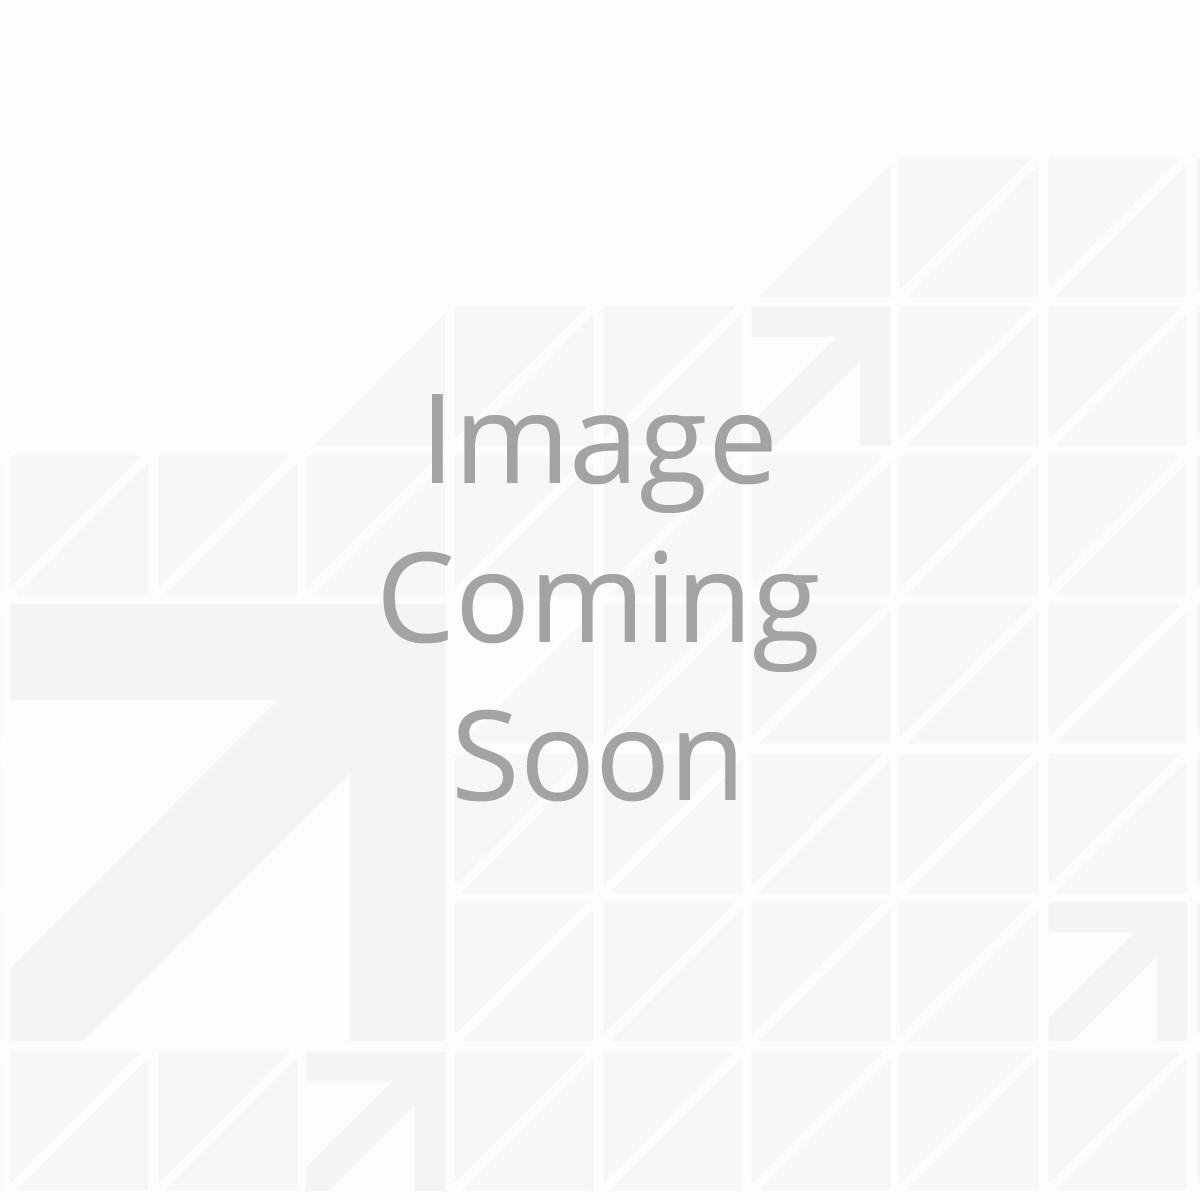 Awning Fabric Vista Light Integrated Light Kit - Various Options